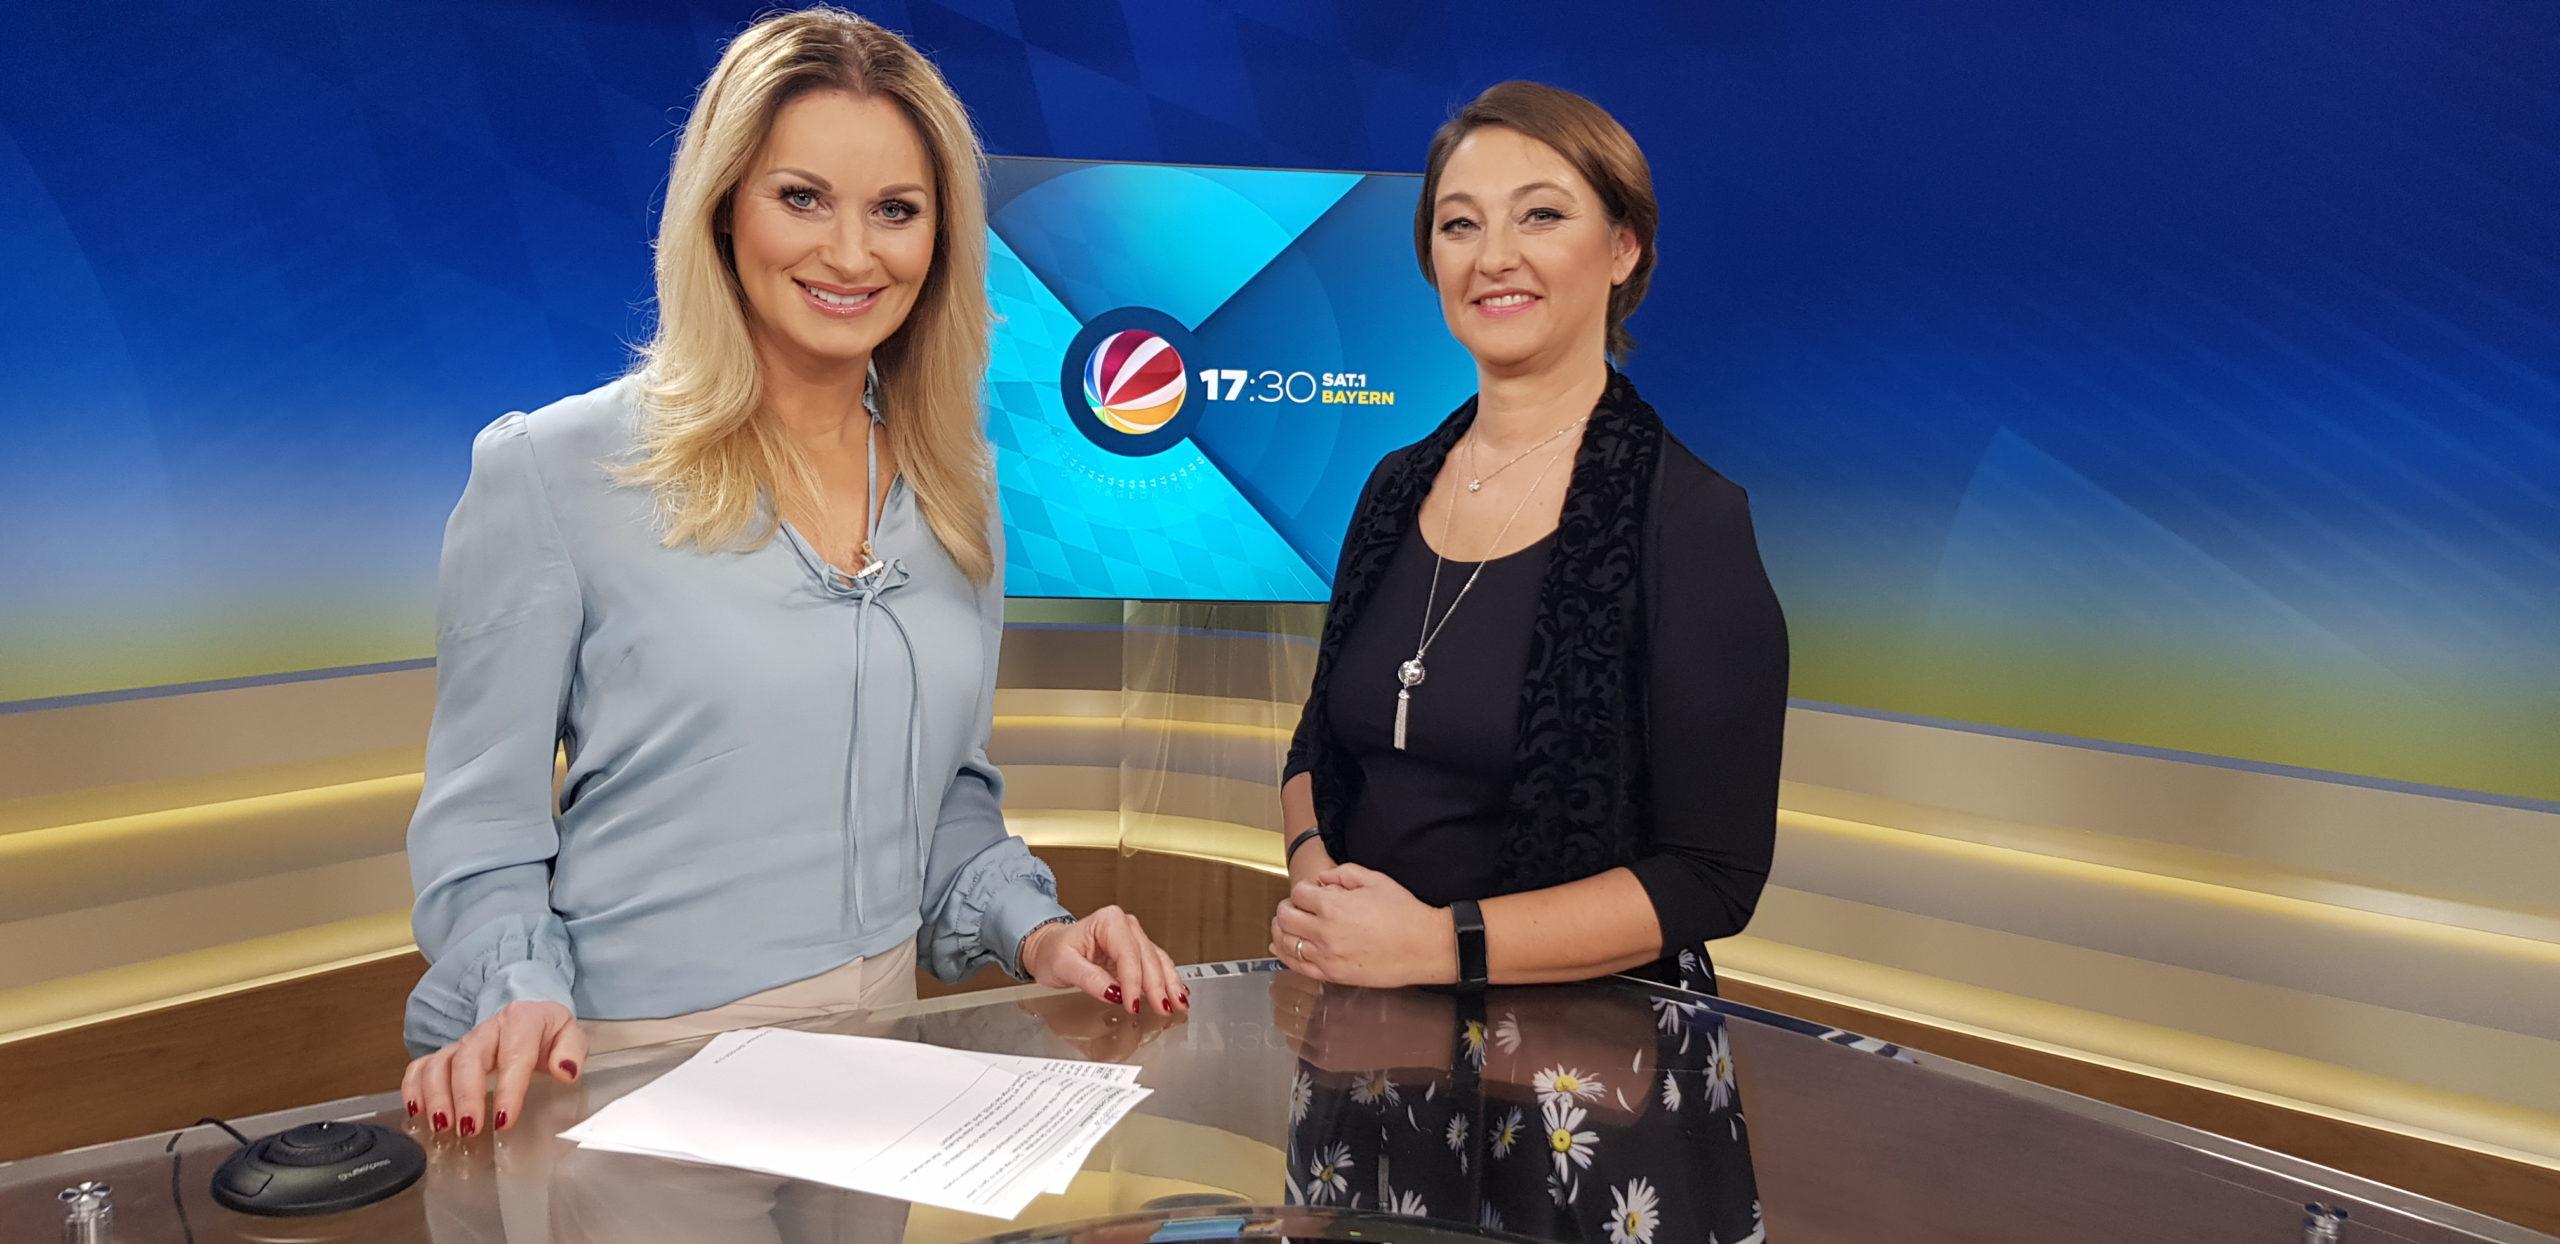 zeitmanagement motivation expertin medien interview